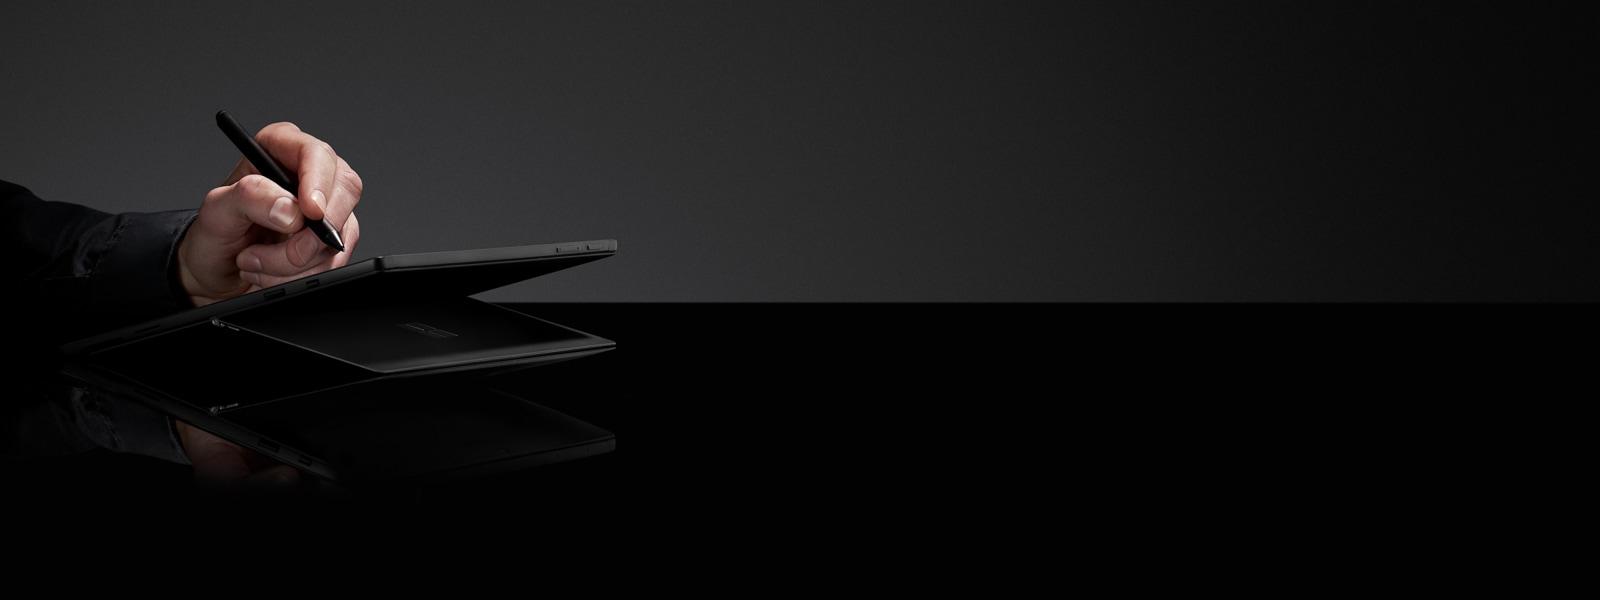 Su uno sfondo nero, una persona usa la Penna per Surface su un computer Surface Pro 6 Nero